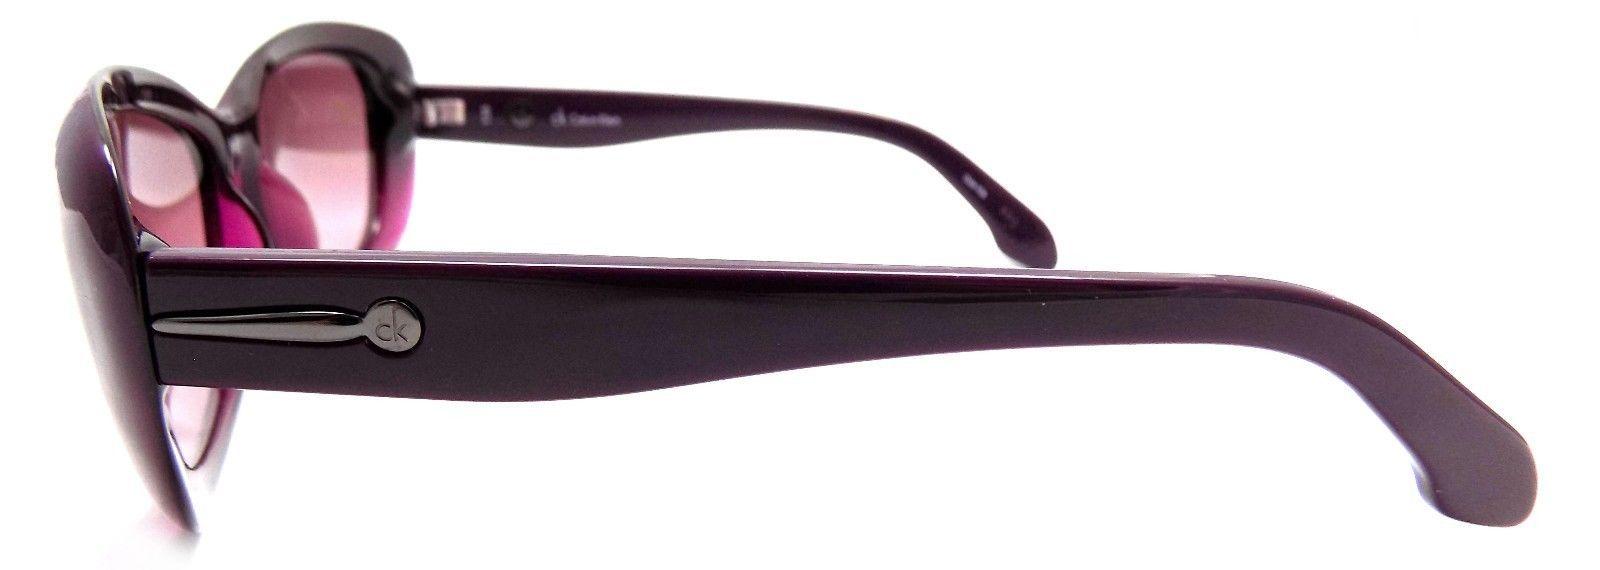 GENUINE Calvin Klein Sunglasses CK 3131S 233 Dark Plum 56x15x135 Pink Gradient